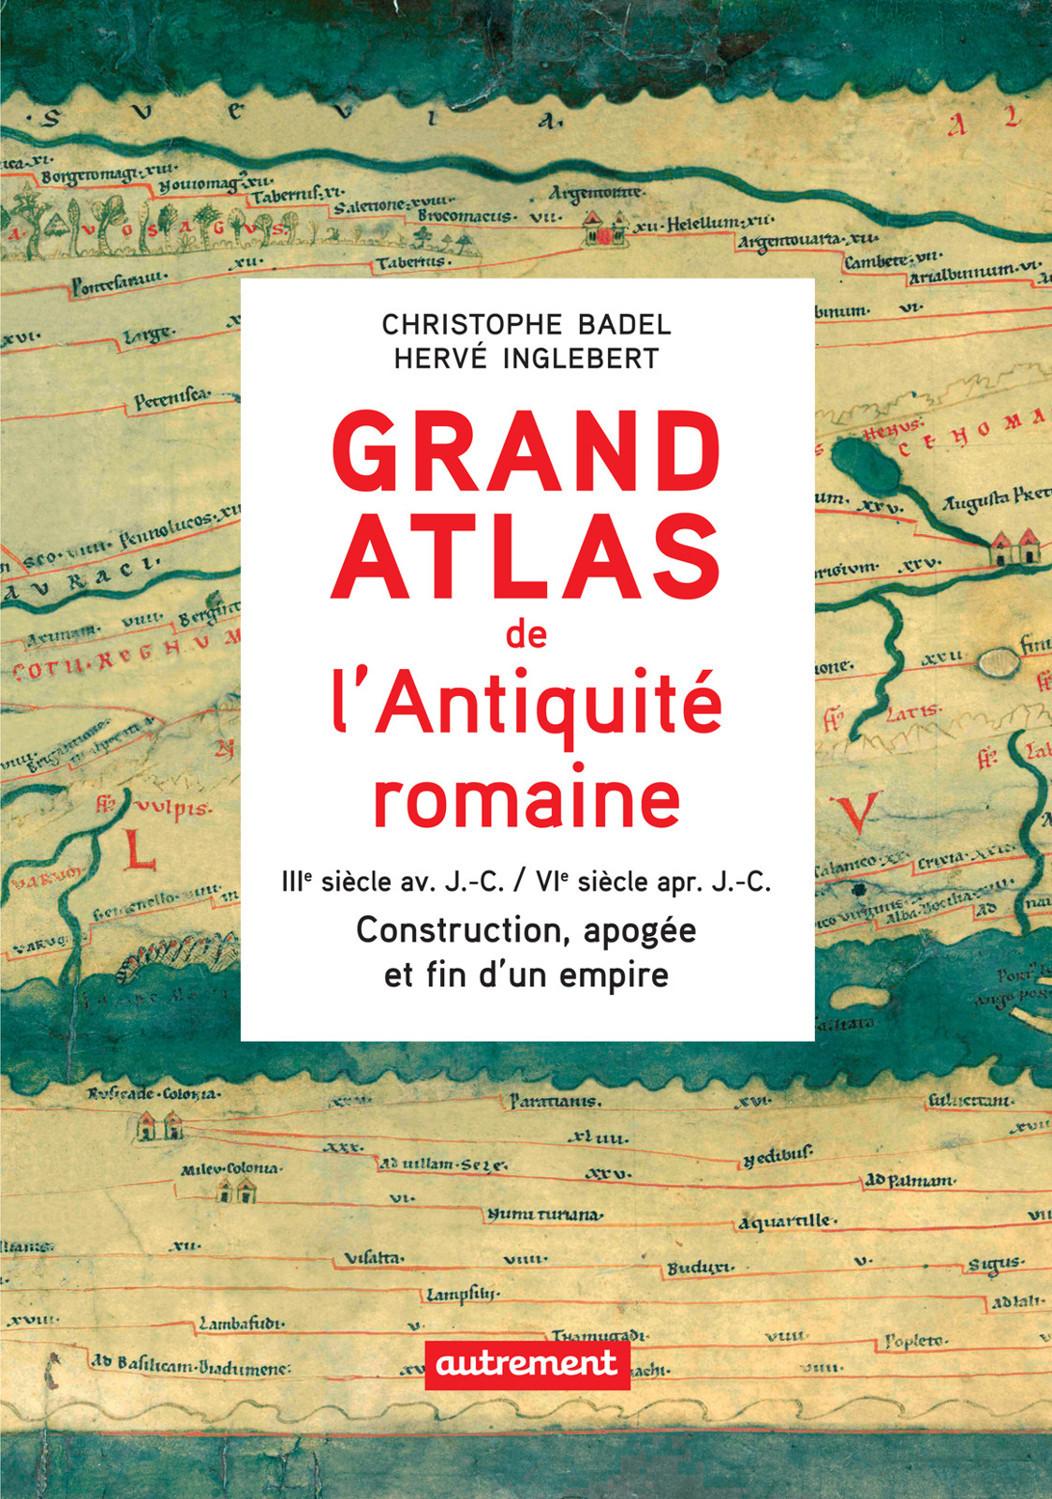 Grand Atlas de l'Antiquité romaine. Construction, apogée et fin d'un empire (IIIe siècle av. J.-C. /